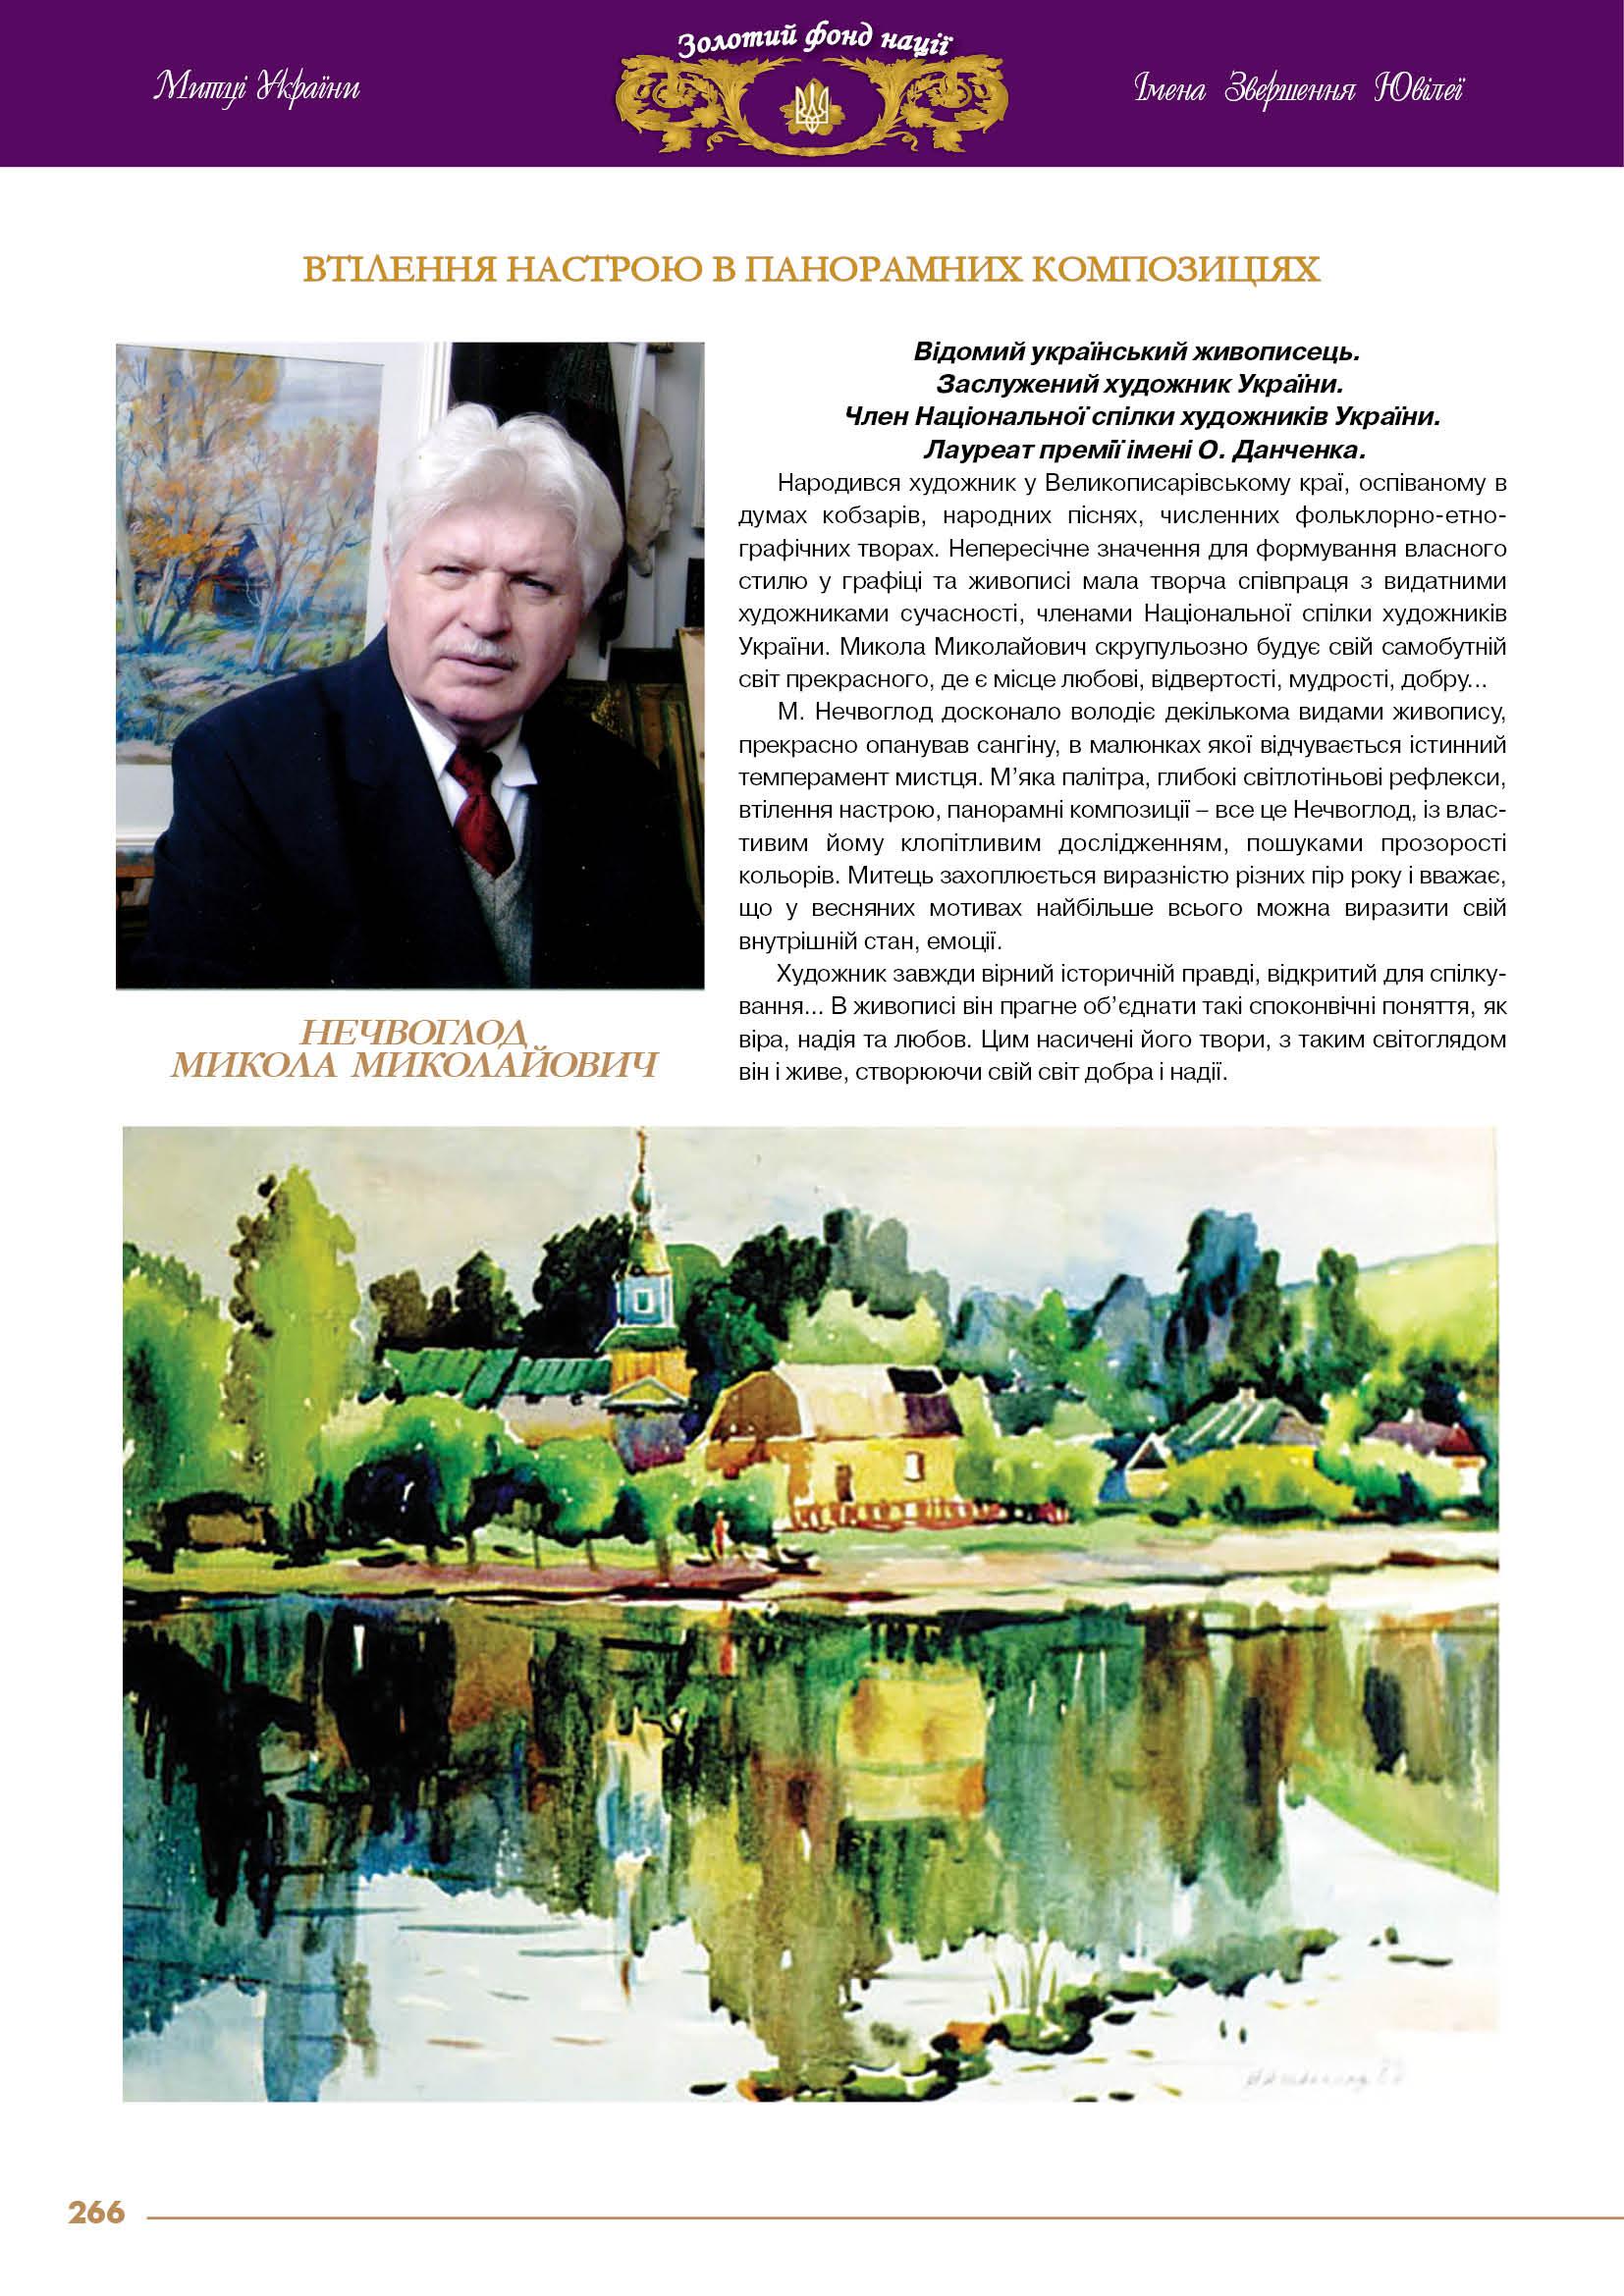 Нечвоглод   Микола  Миколайович